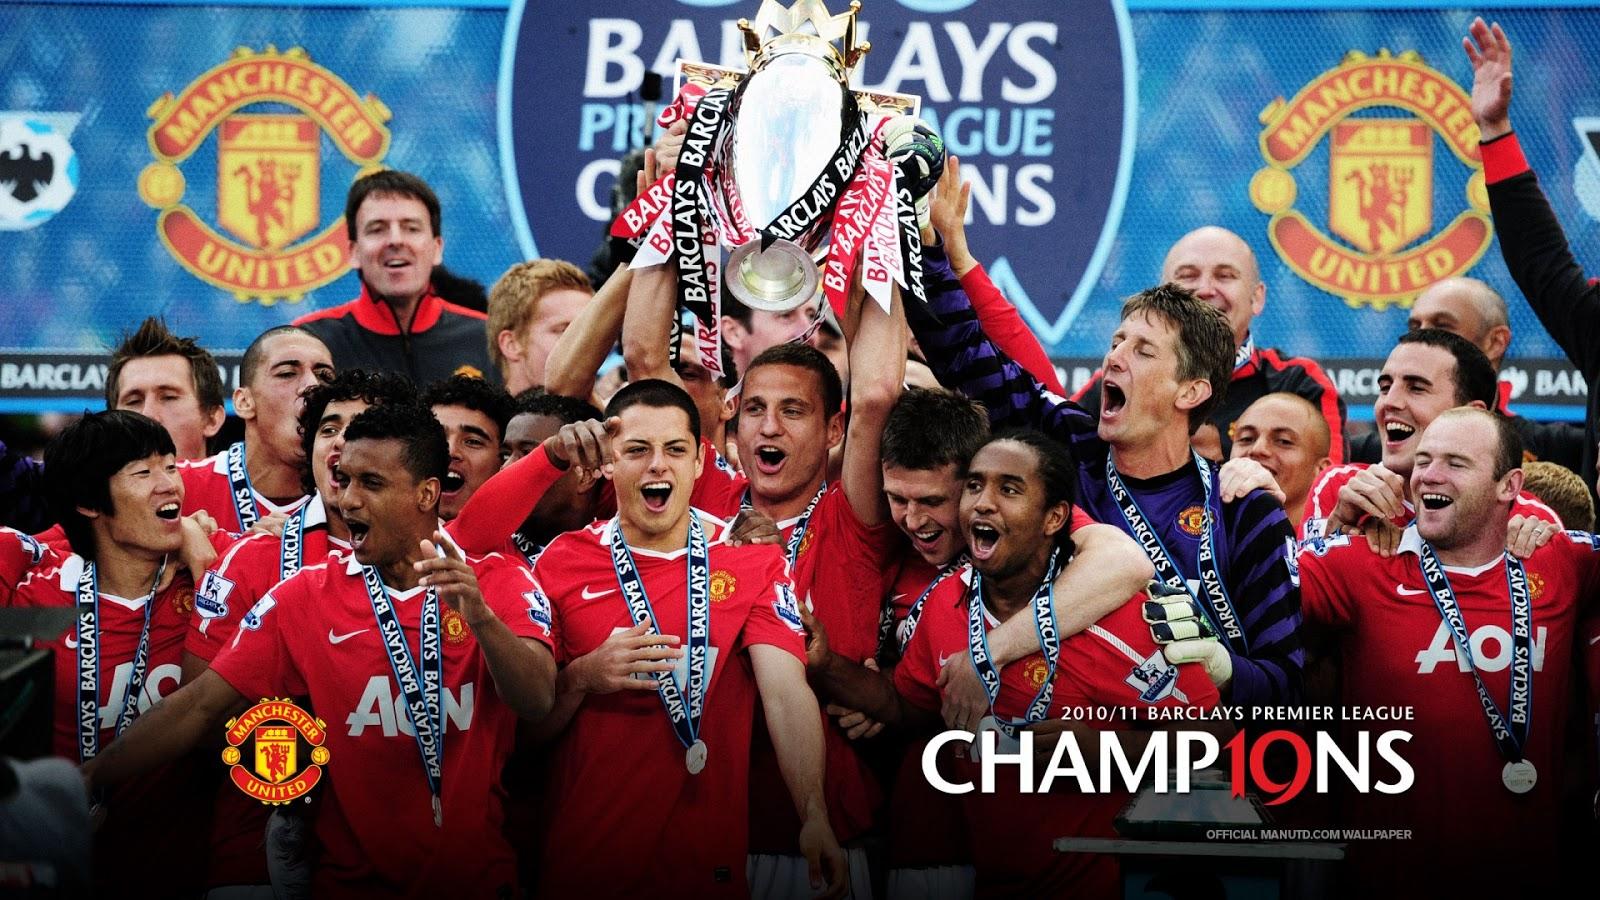 http://4.bp.blogspot.com/-egmksFtN5gM/UQoJrTi8Q_I/AAAAAAAAHWI/wMMRT_U7FTA/s1600/Manchester+United+hd+Wallpapers+2013_5.jpg